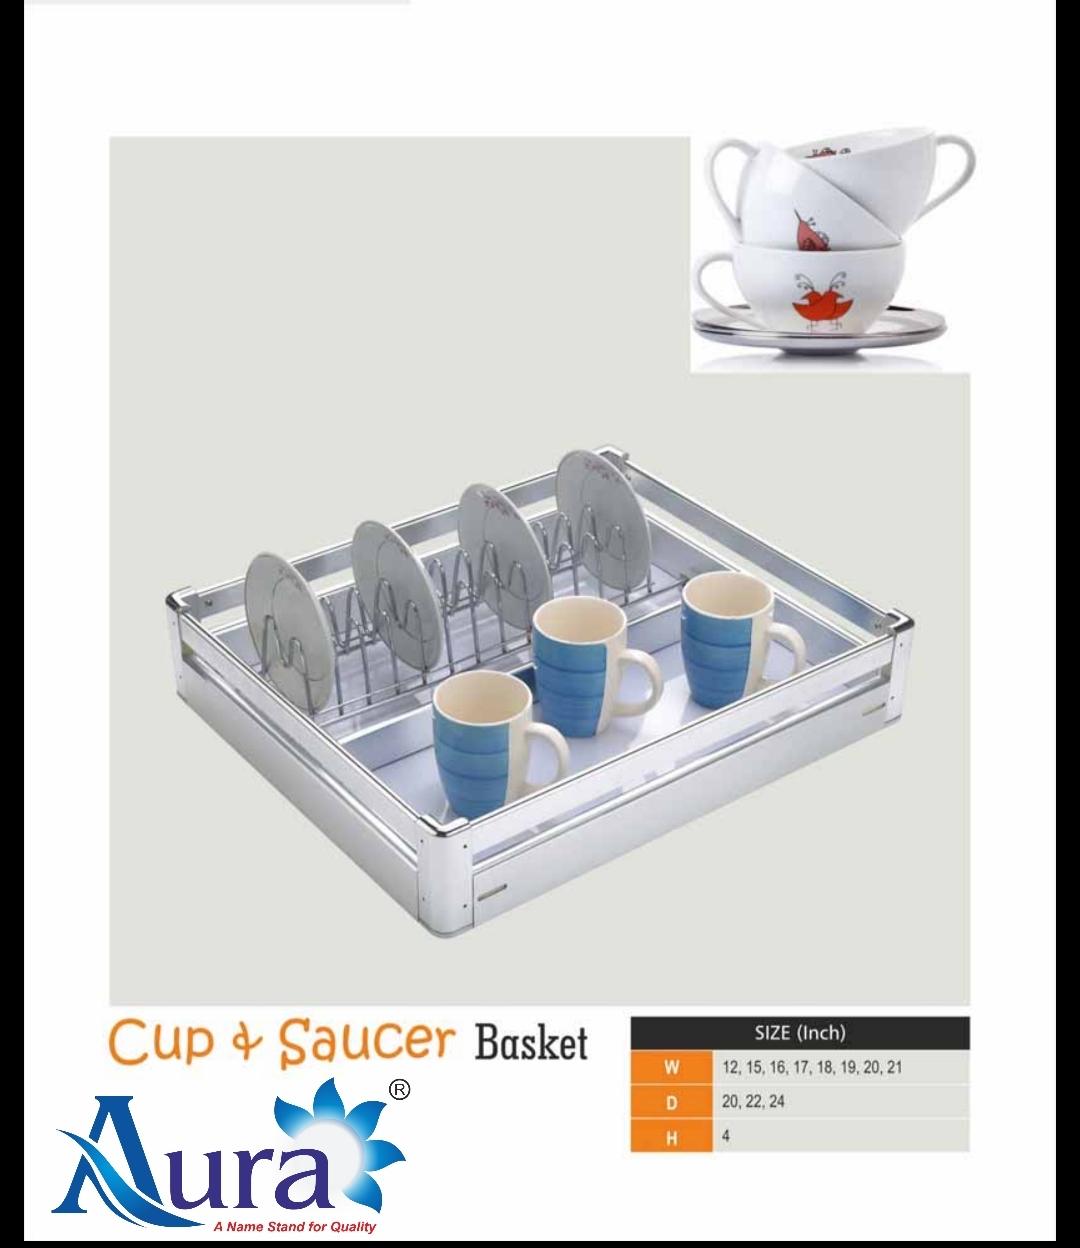 Cupsousar Basket